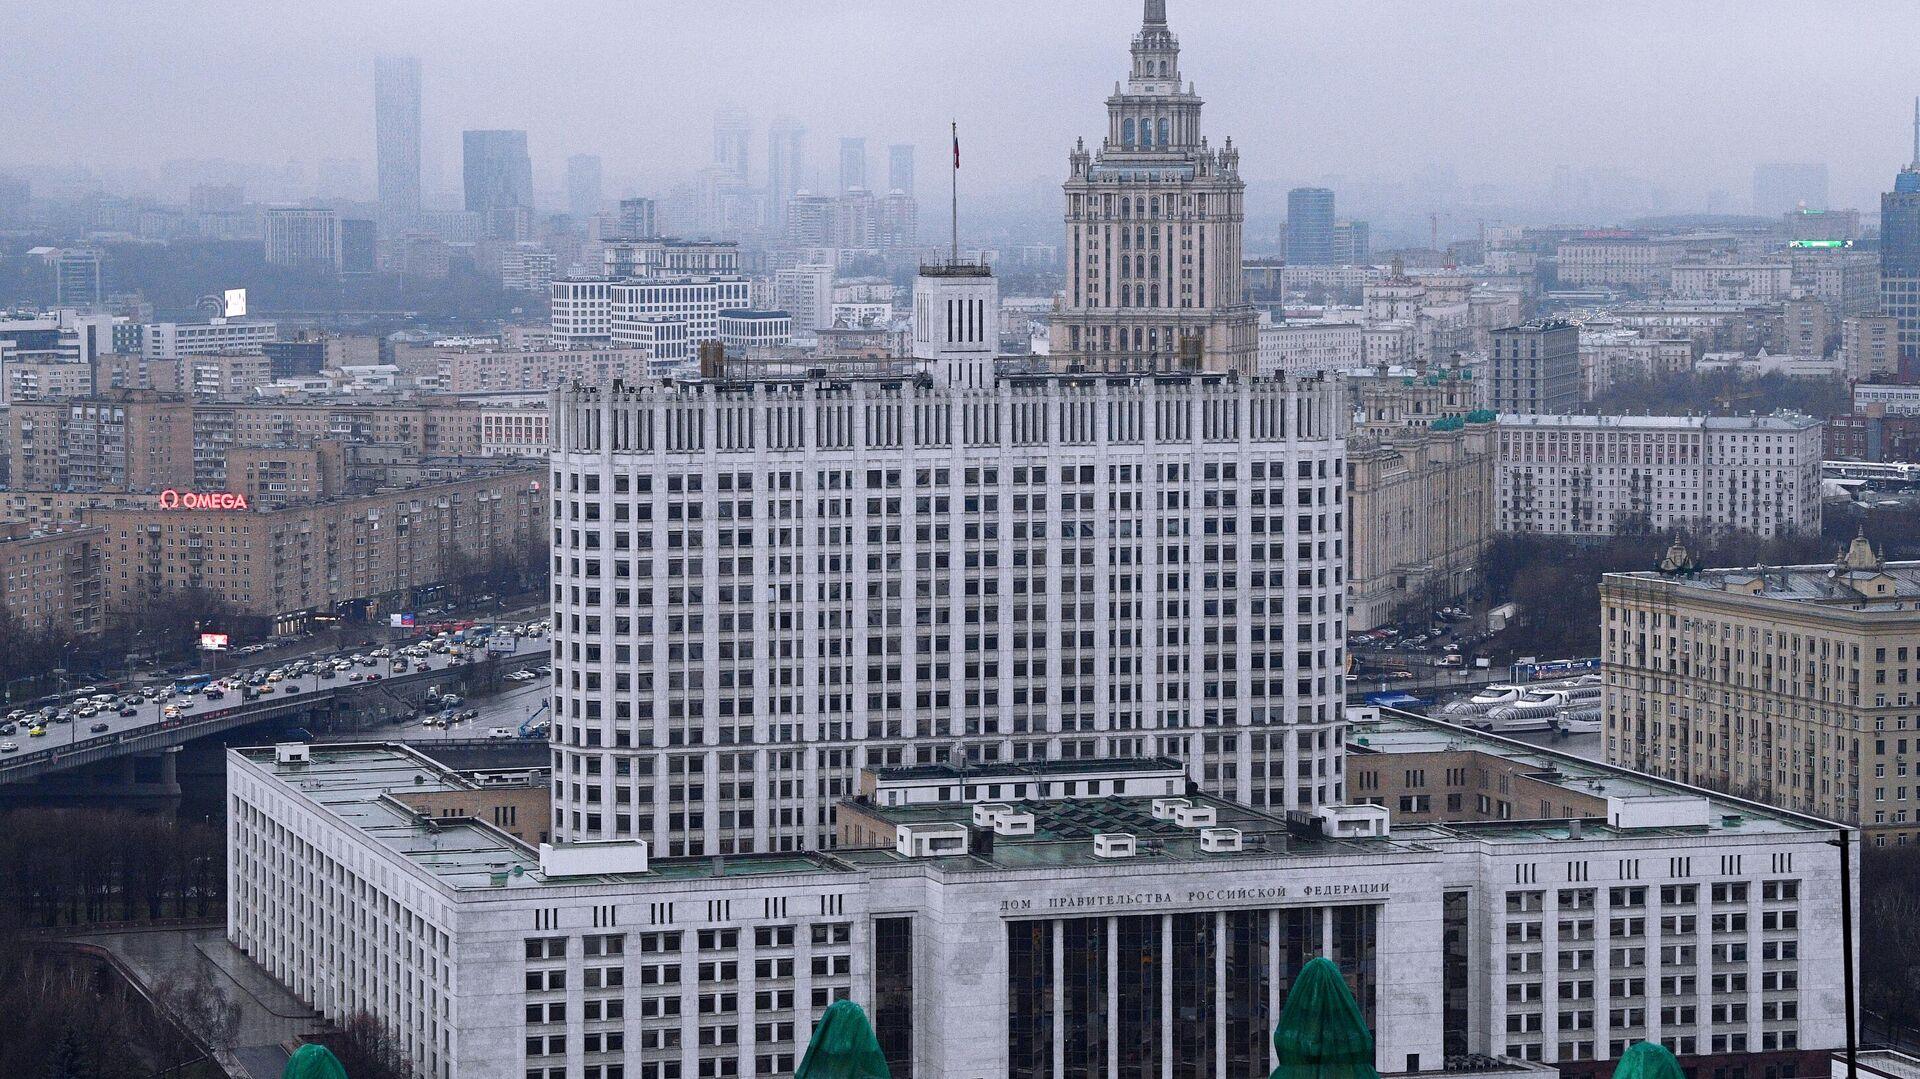 Здание правительства РФ  - РИА Новости, 1920, 29.12.2020